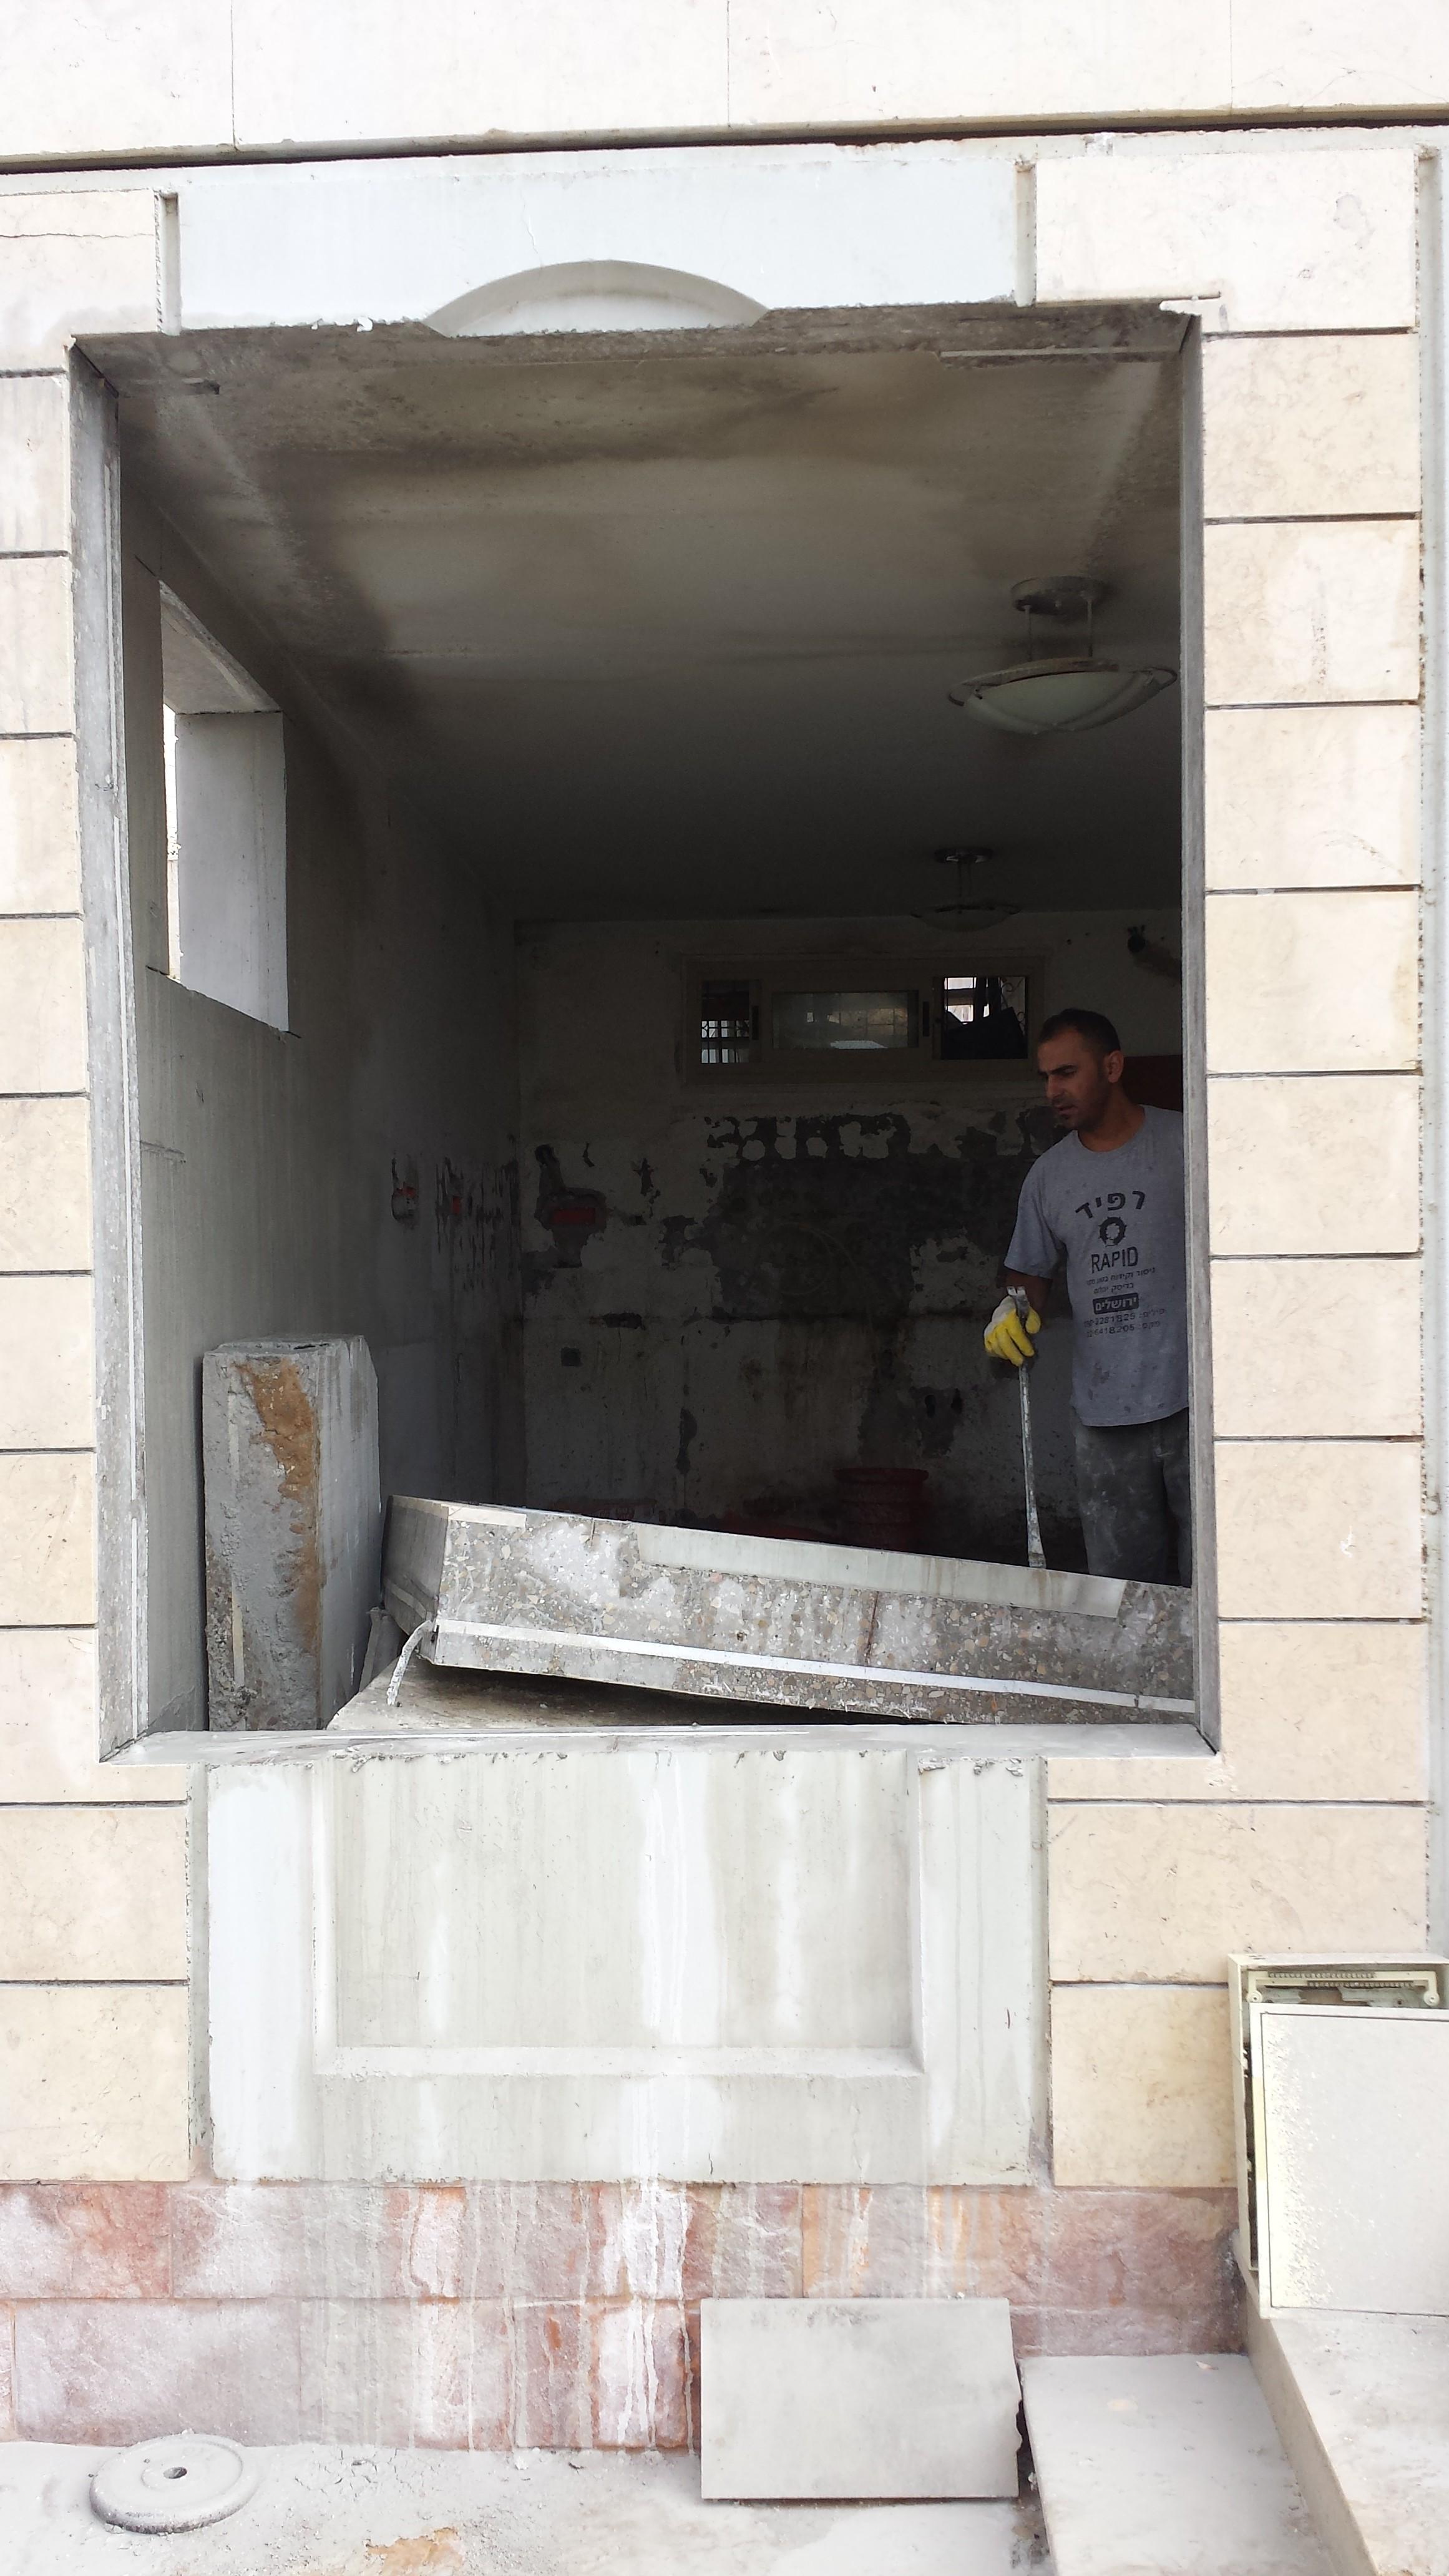 ההבדלים בין ניסור בטון בירושלים לניסור בטון בתל אביב